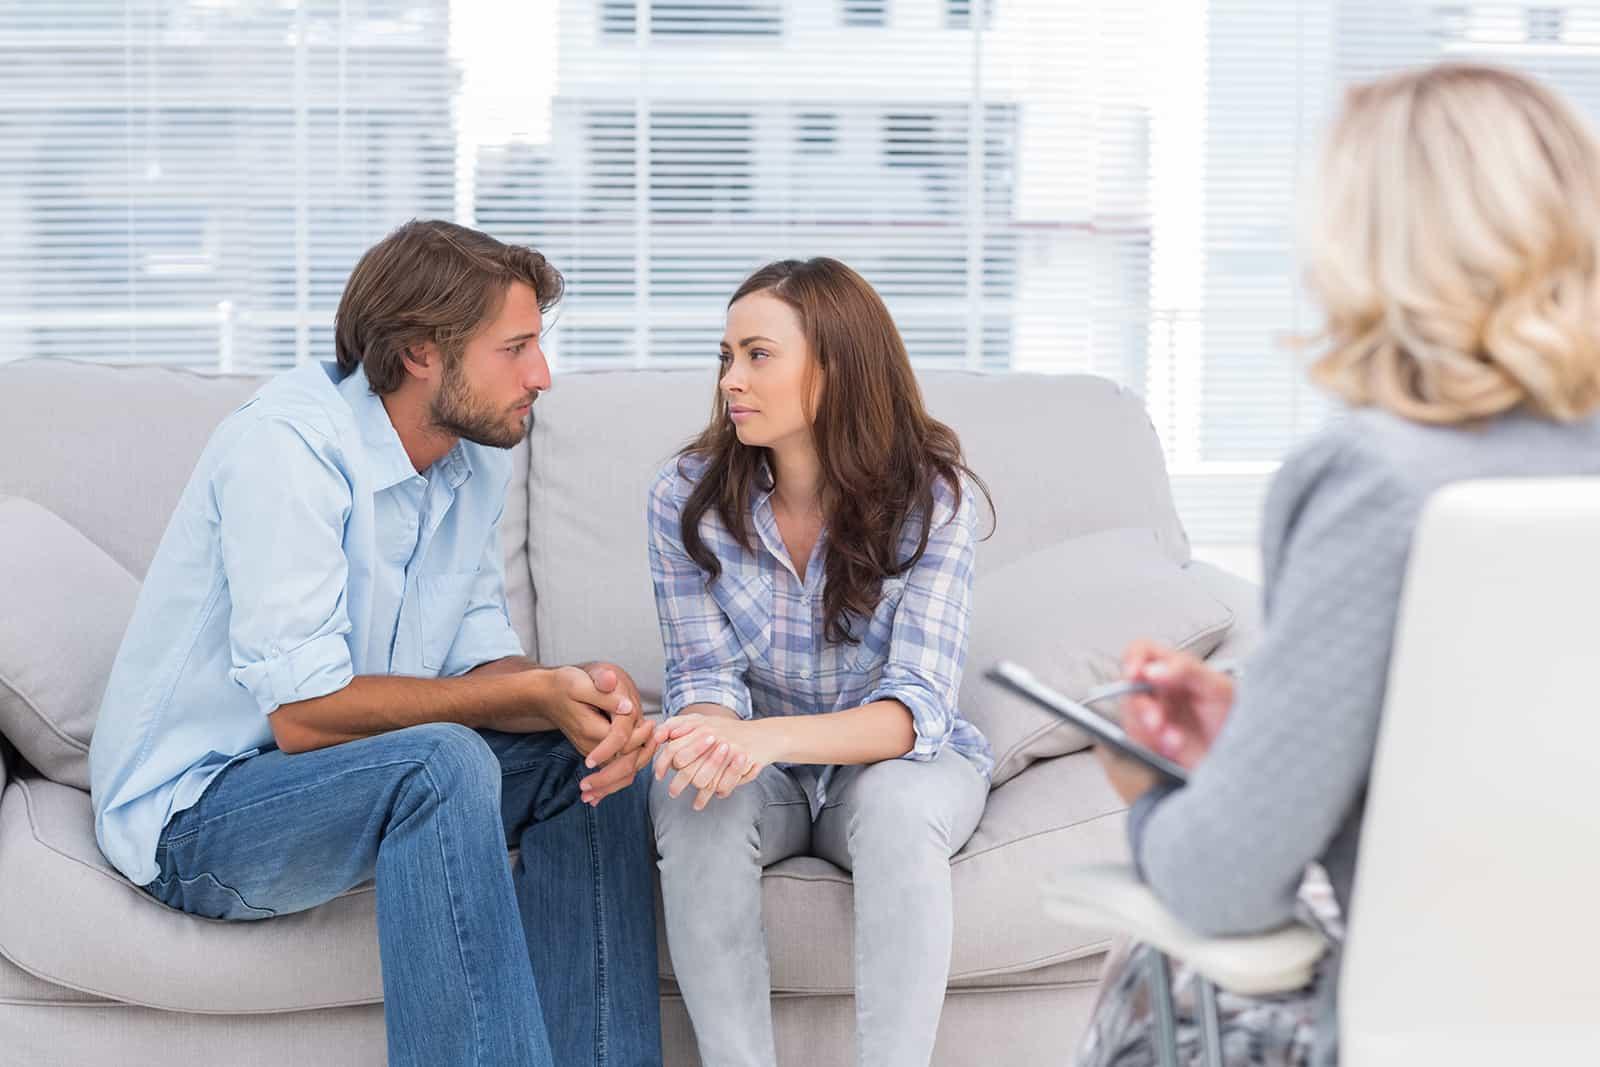 Beziehungsberatung Hilft Dir, Lösungen Für Deine Beziehungsprobleme Zu Finden